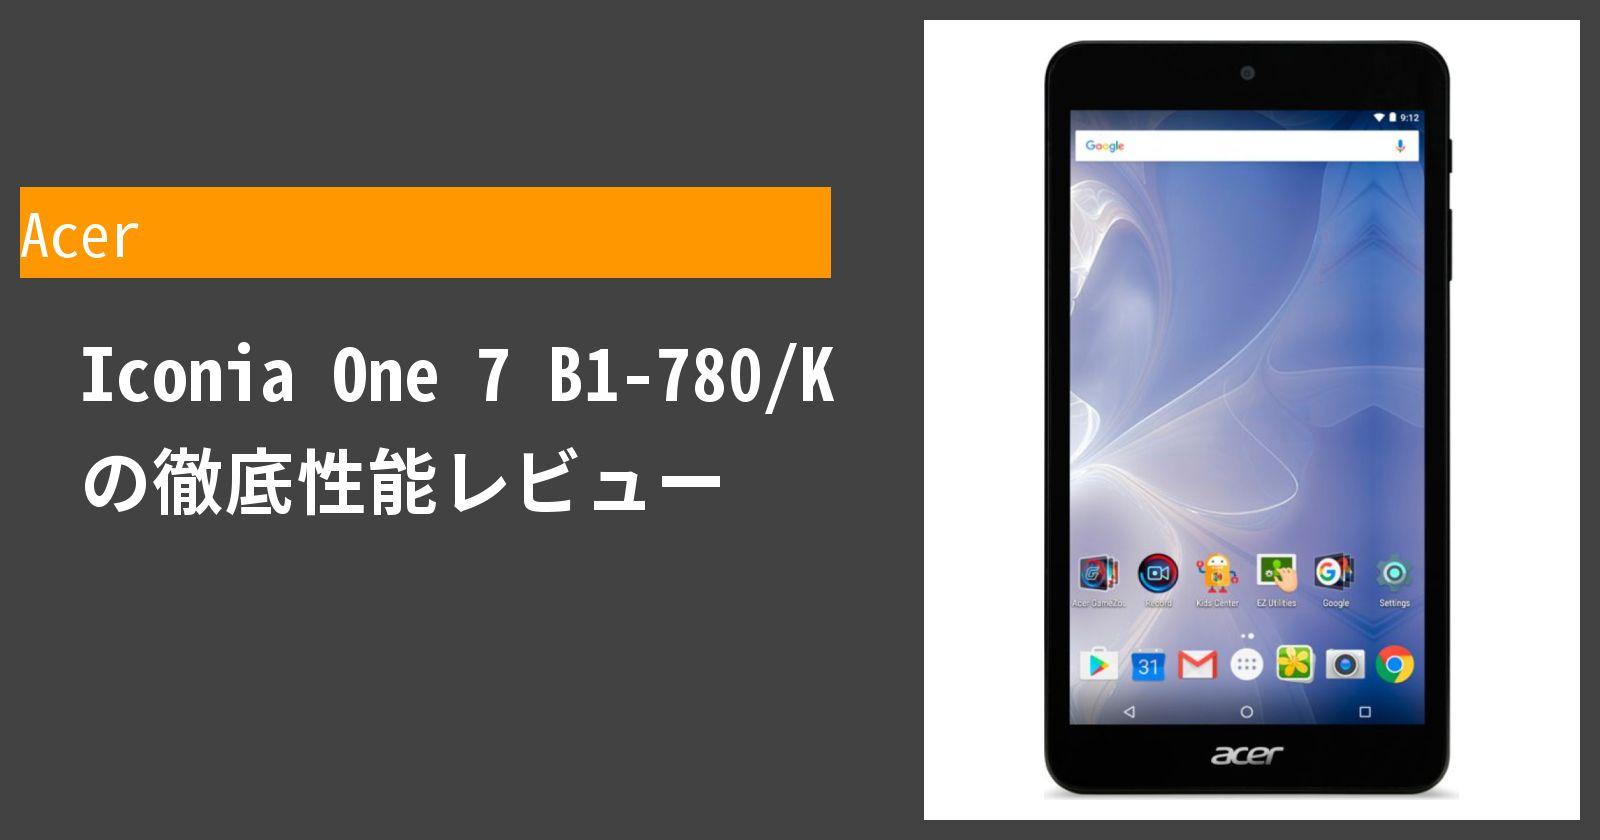 Iconia One 7 B1-780/K の徹底性能レビュー